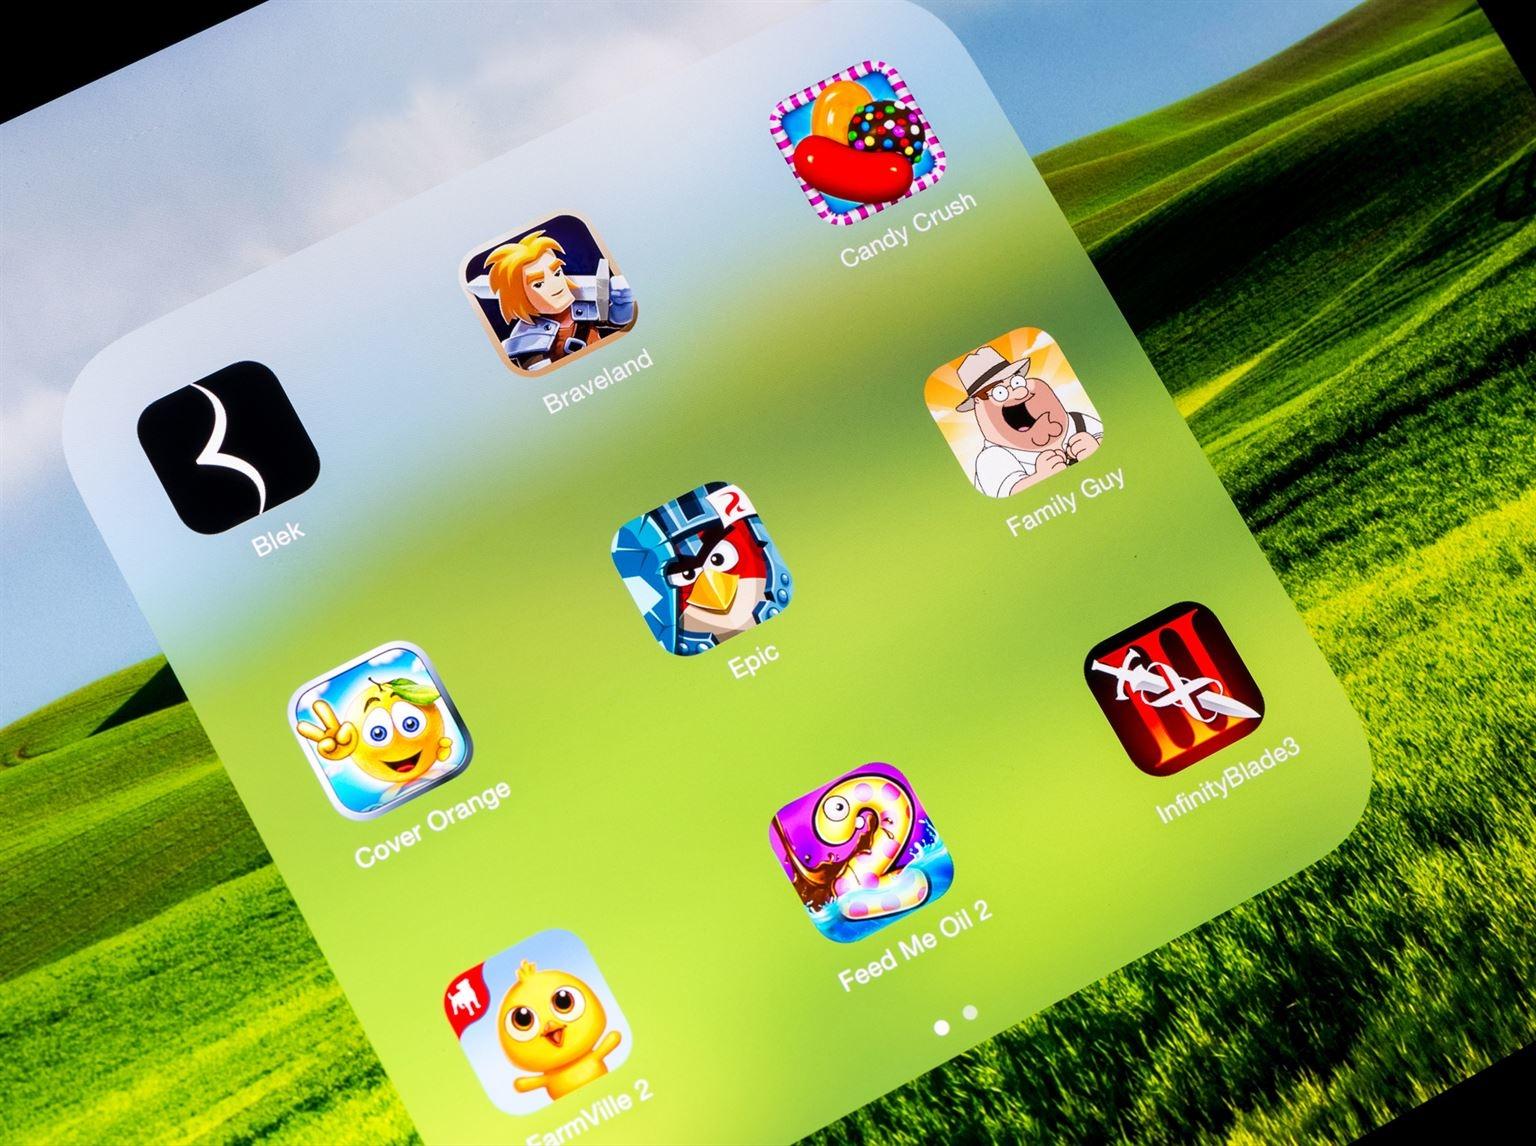 Jeux Sur Tablette: 64 Choix Pour Enfants | Protégez-Vous.ca destiné Jeux De Tablette Gratuit